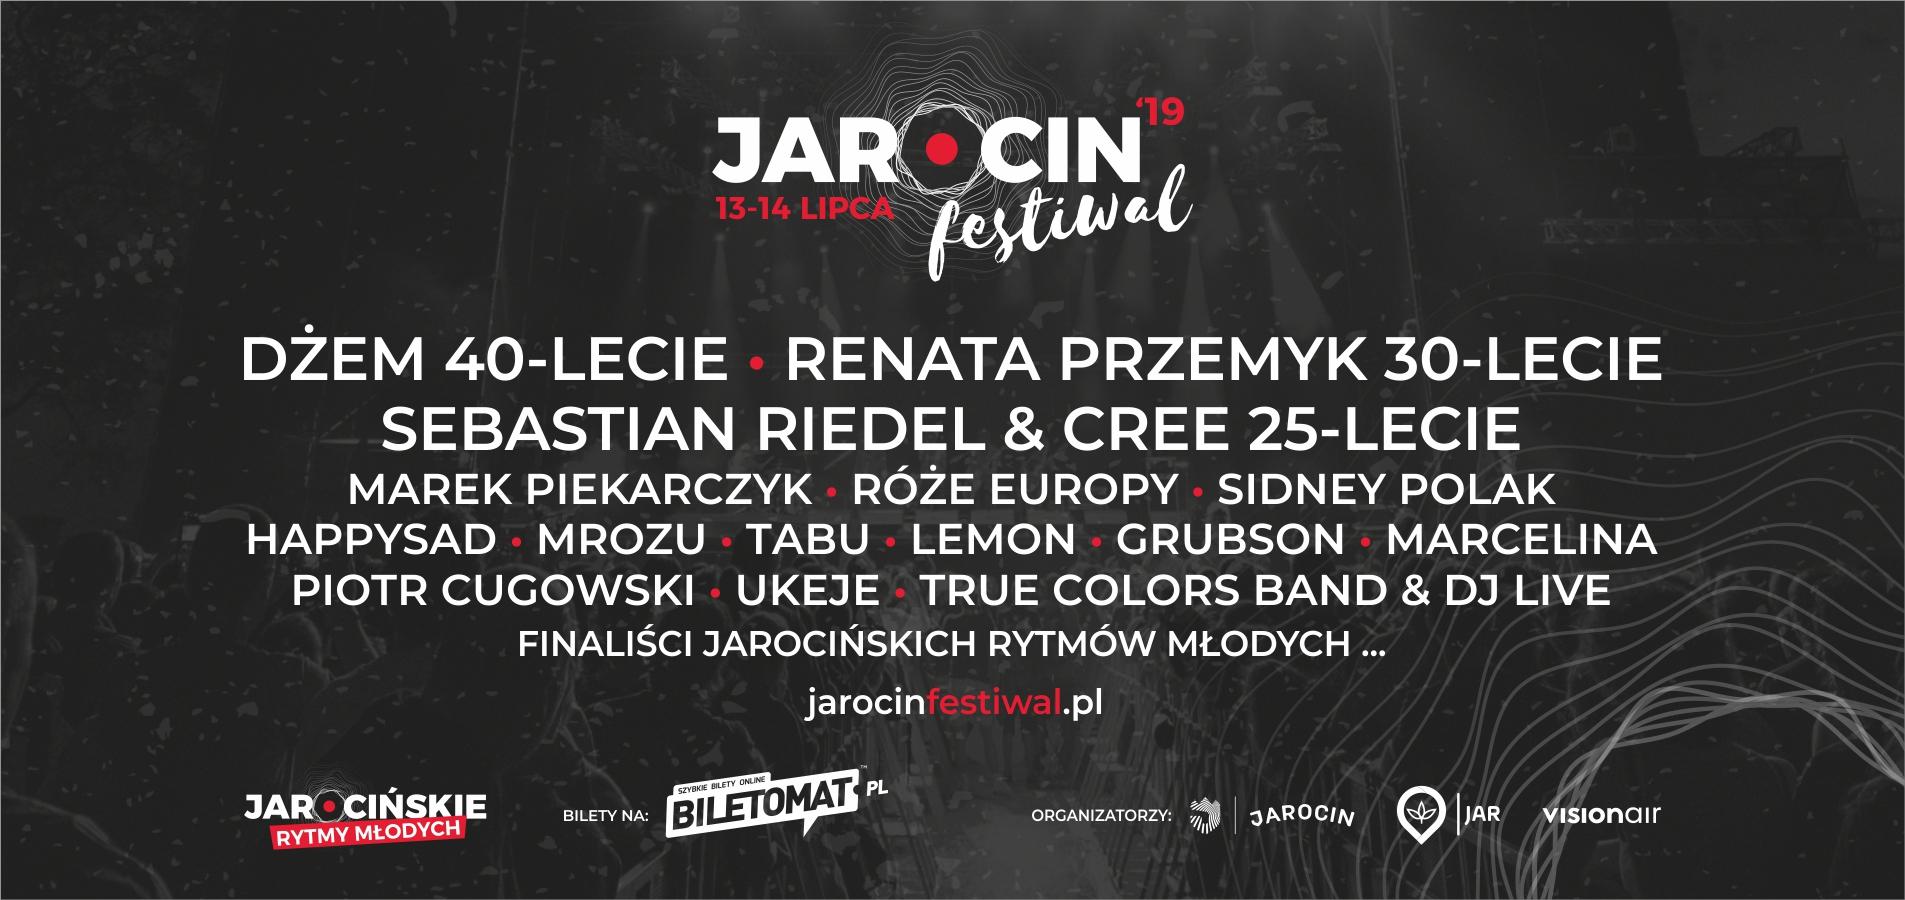 Wiemy kto zagra podczas Jarocin Festiwal 2019